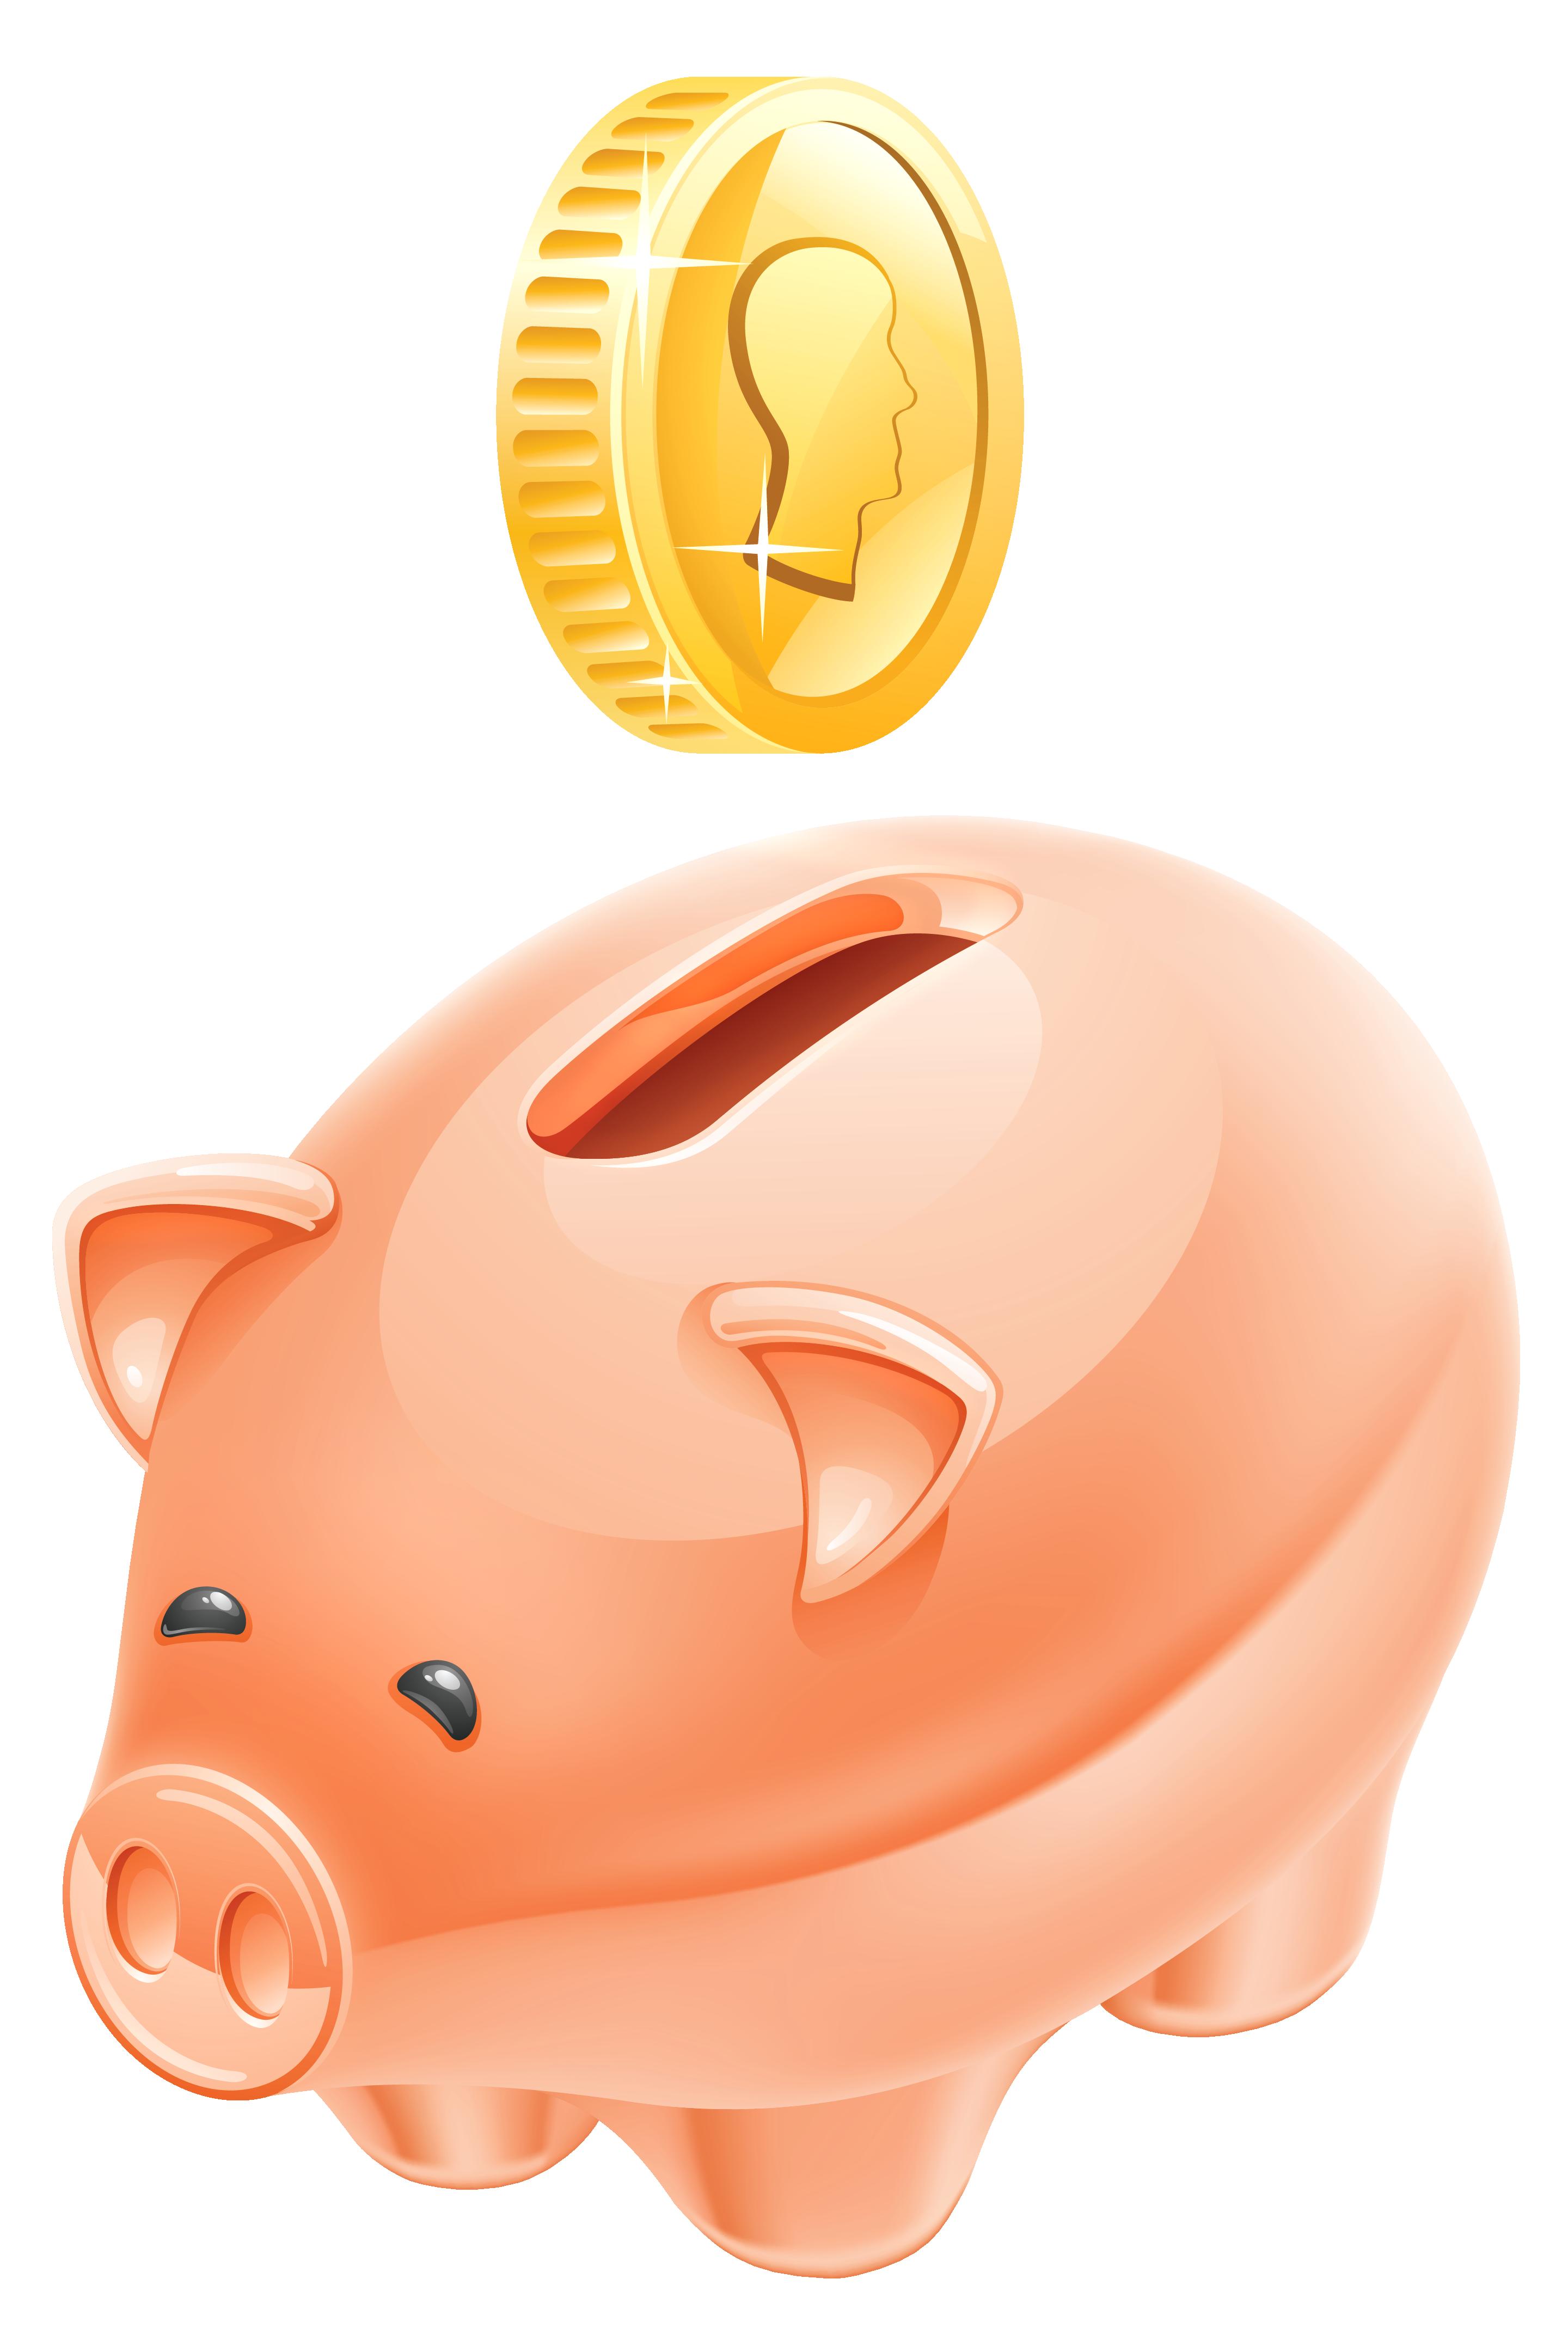 Piggy bank clipart picture clipart